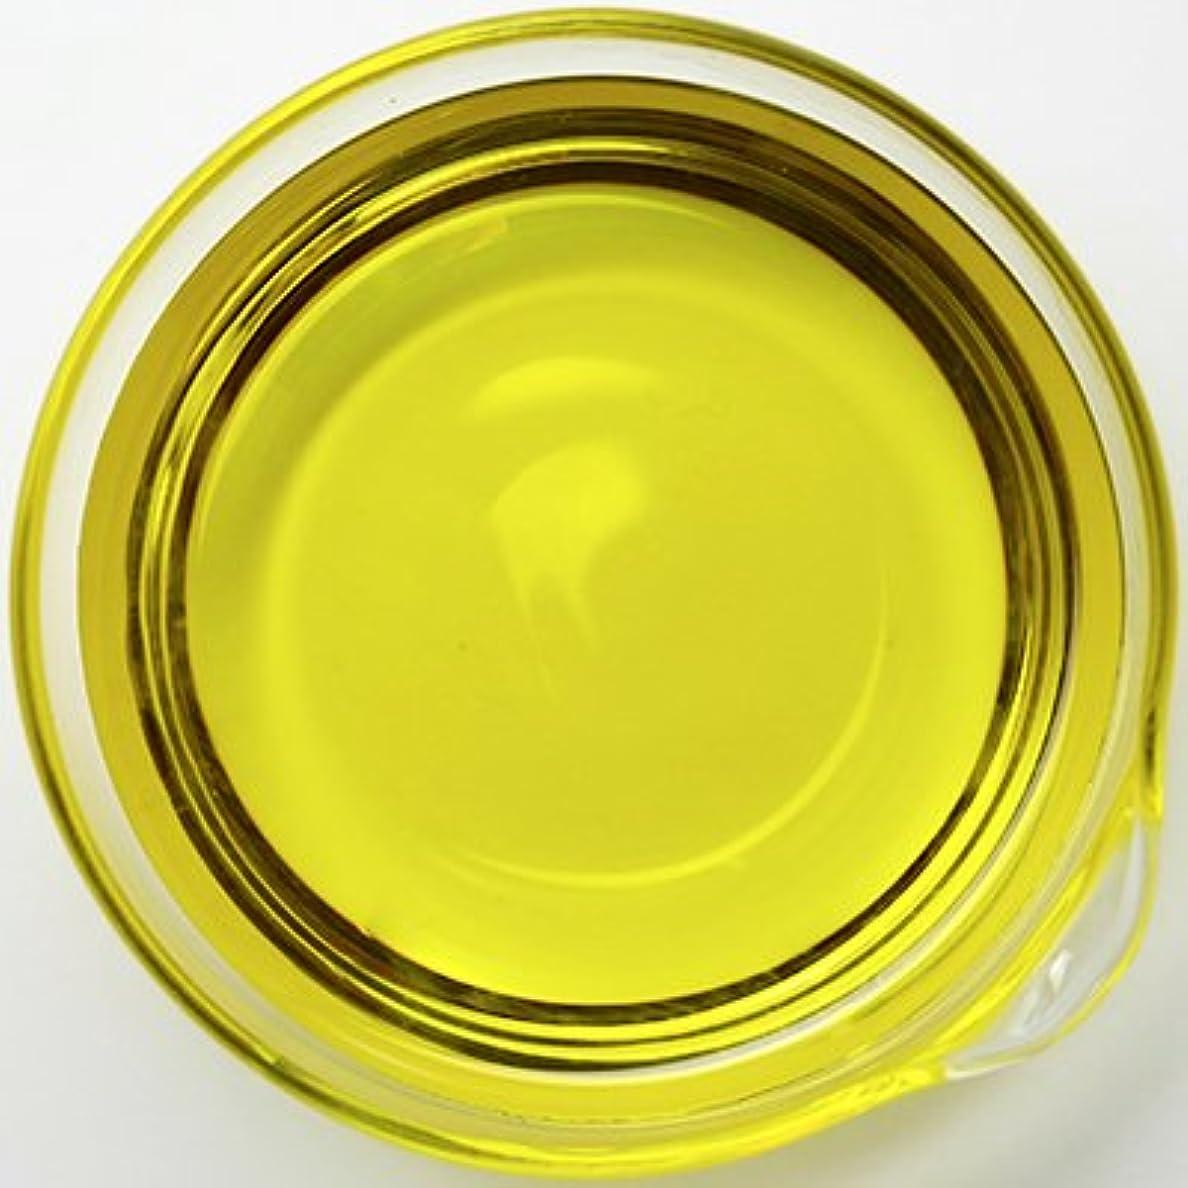 植生蘇生する動物オーガニック アルニカオイル [アルニカ抽出油] 1L 【アルニカ油/手作り石鹸/手作りコスメ/美容オイル/キャリアオイル/マッサージオイル】